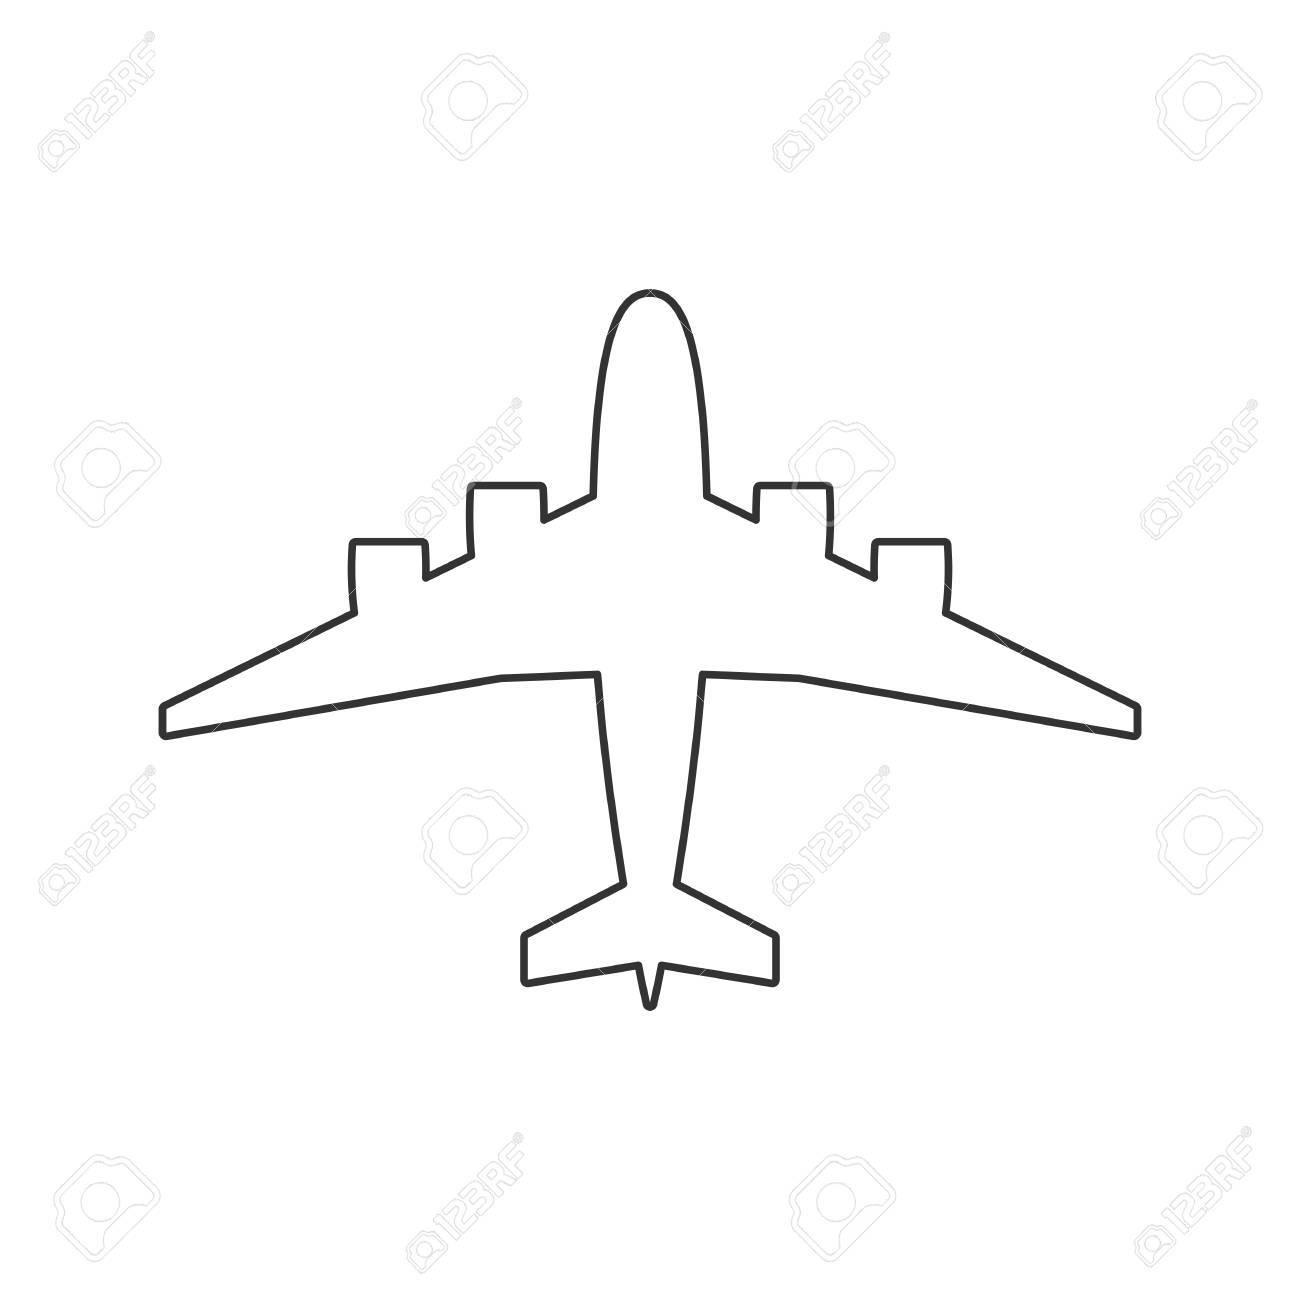 Beste Druckbare Flugzeug Vorlage Fotos - Entry Level Resume Vorlagen ...